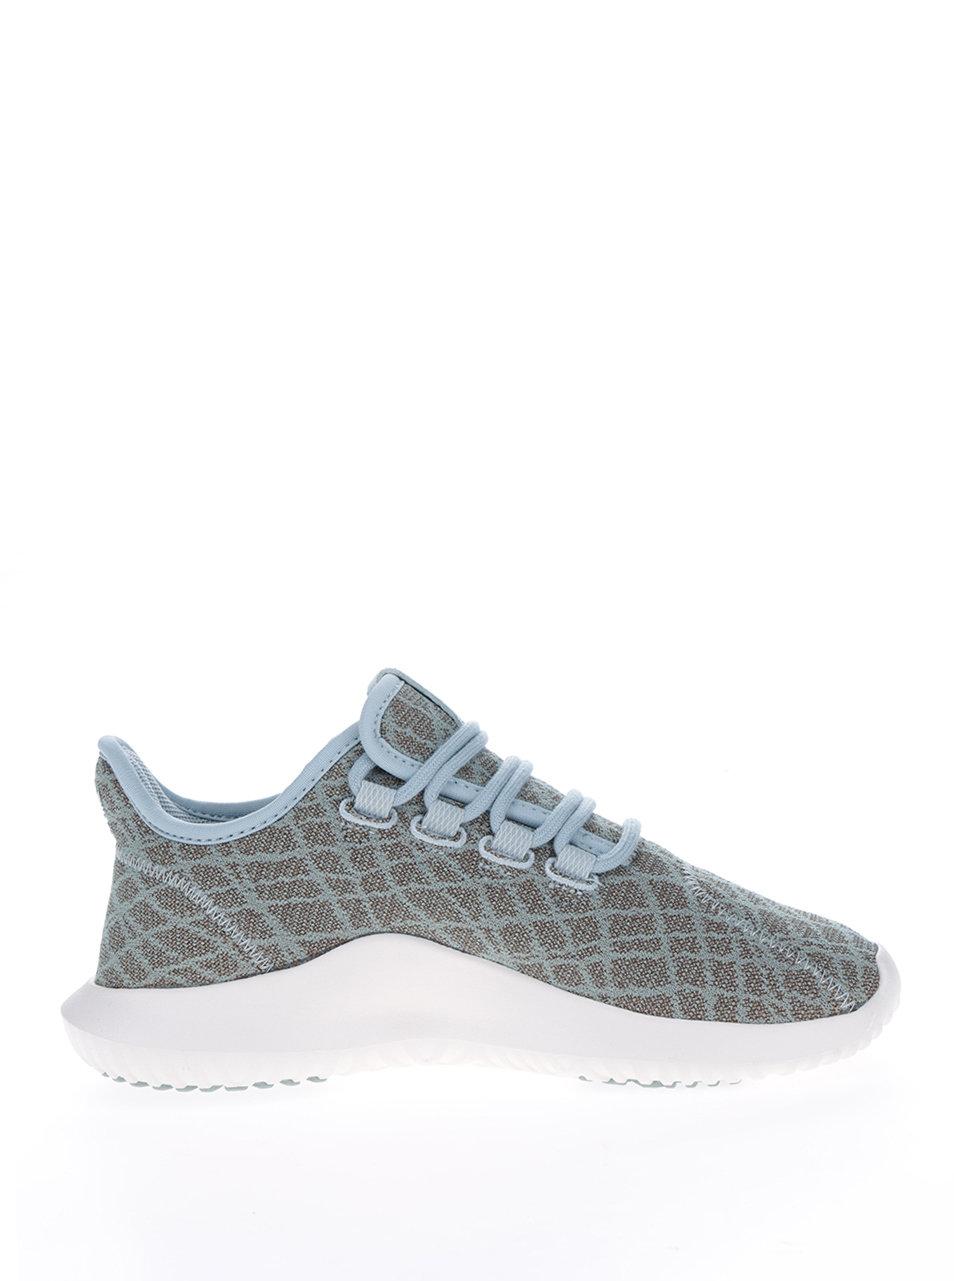 Kaki dámske vzorované tenisky adidas Originals Tubular Shadow ... 3e6a209547d